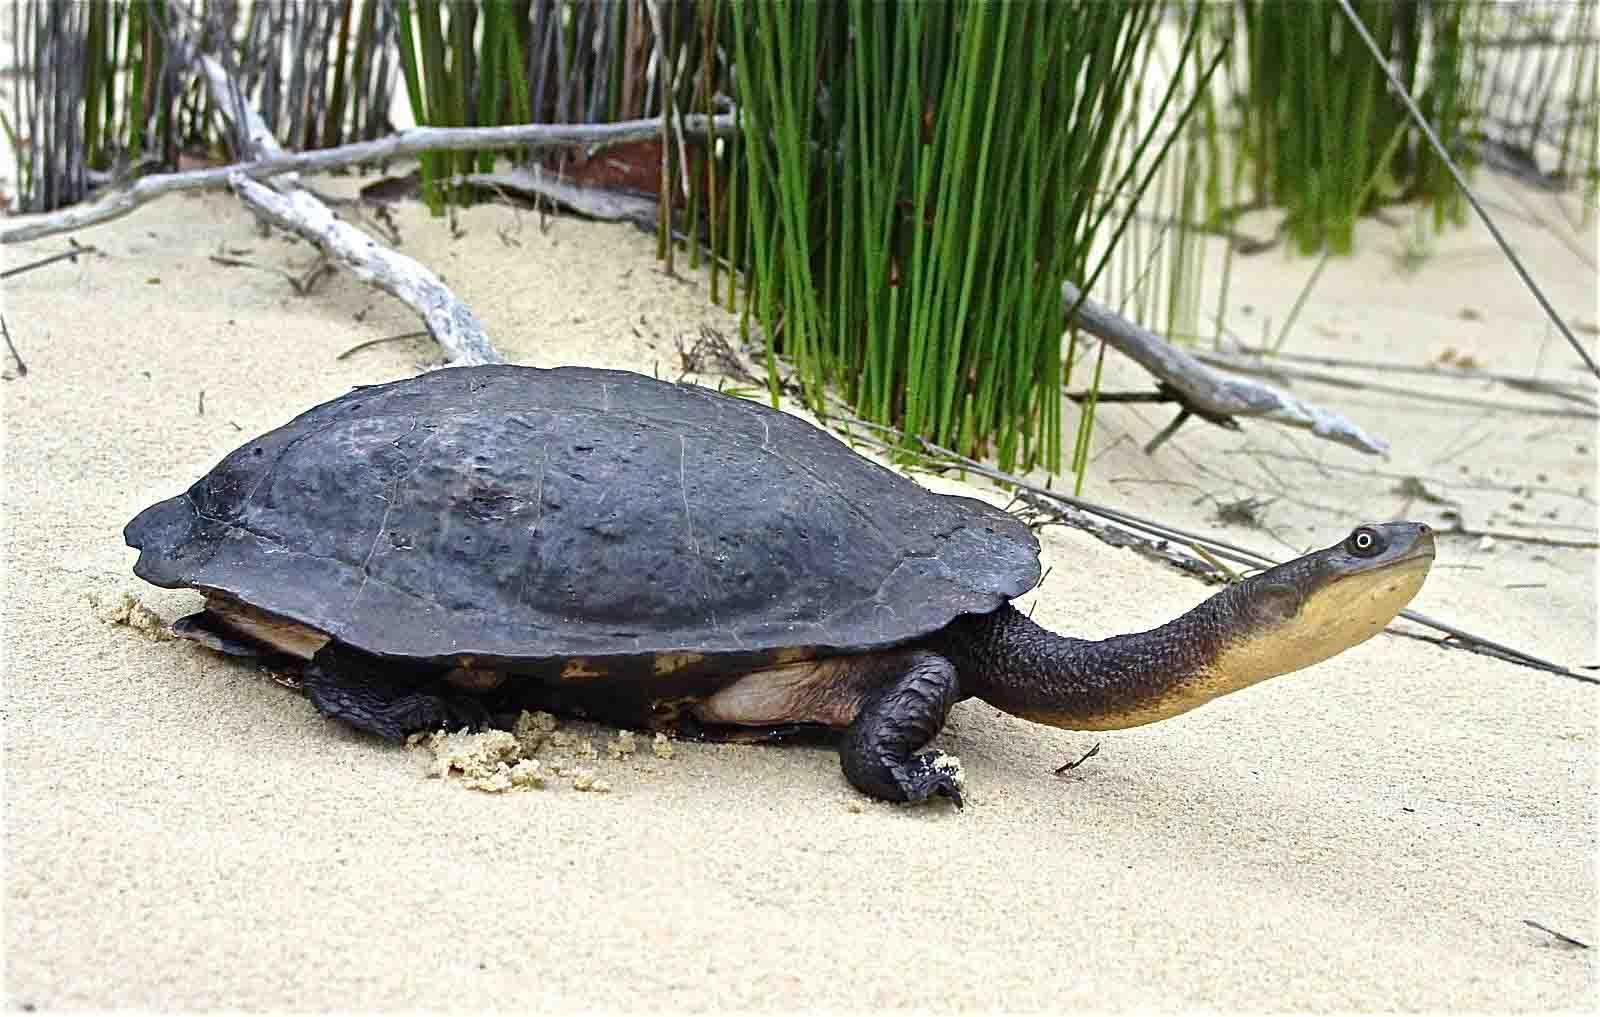 长颈龟可以和蛋龟混养吗